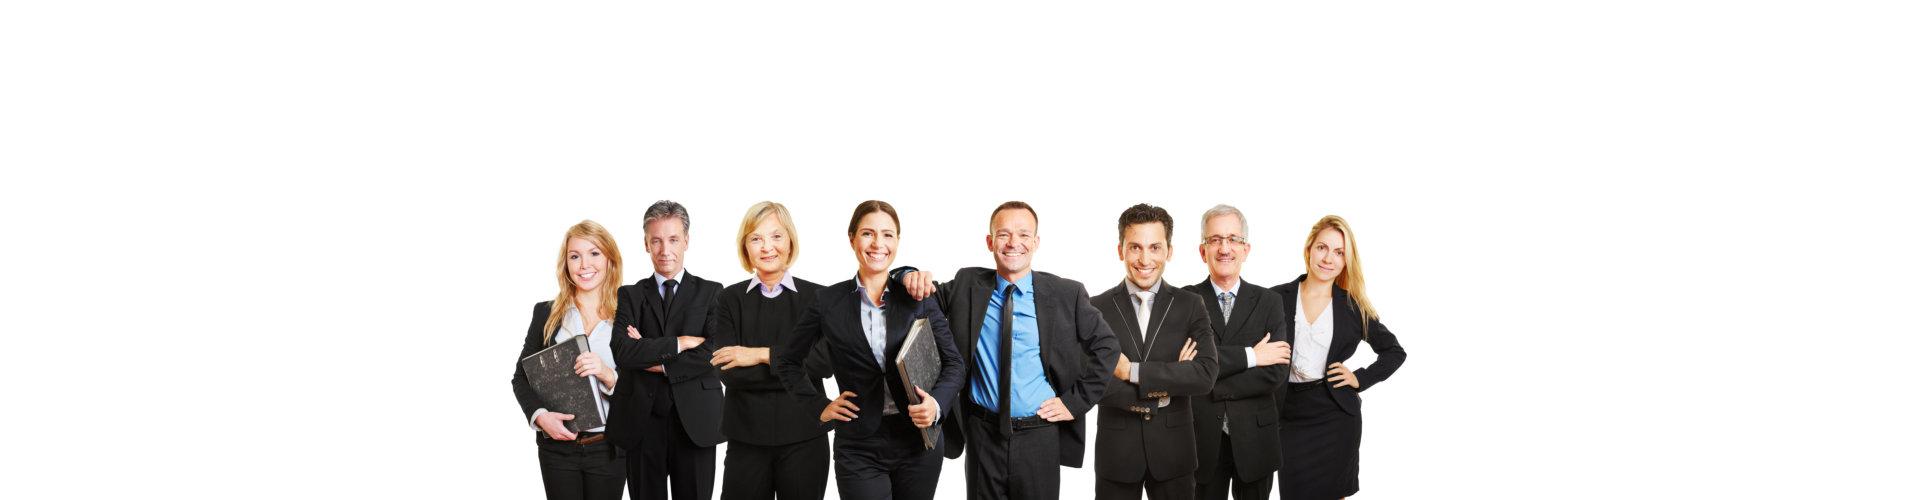 group og professionals